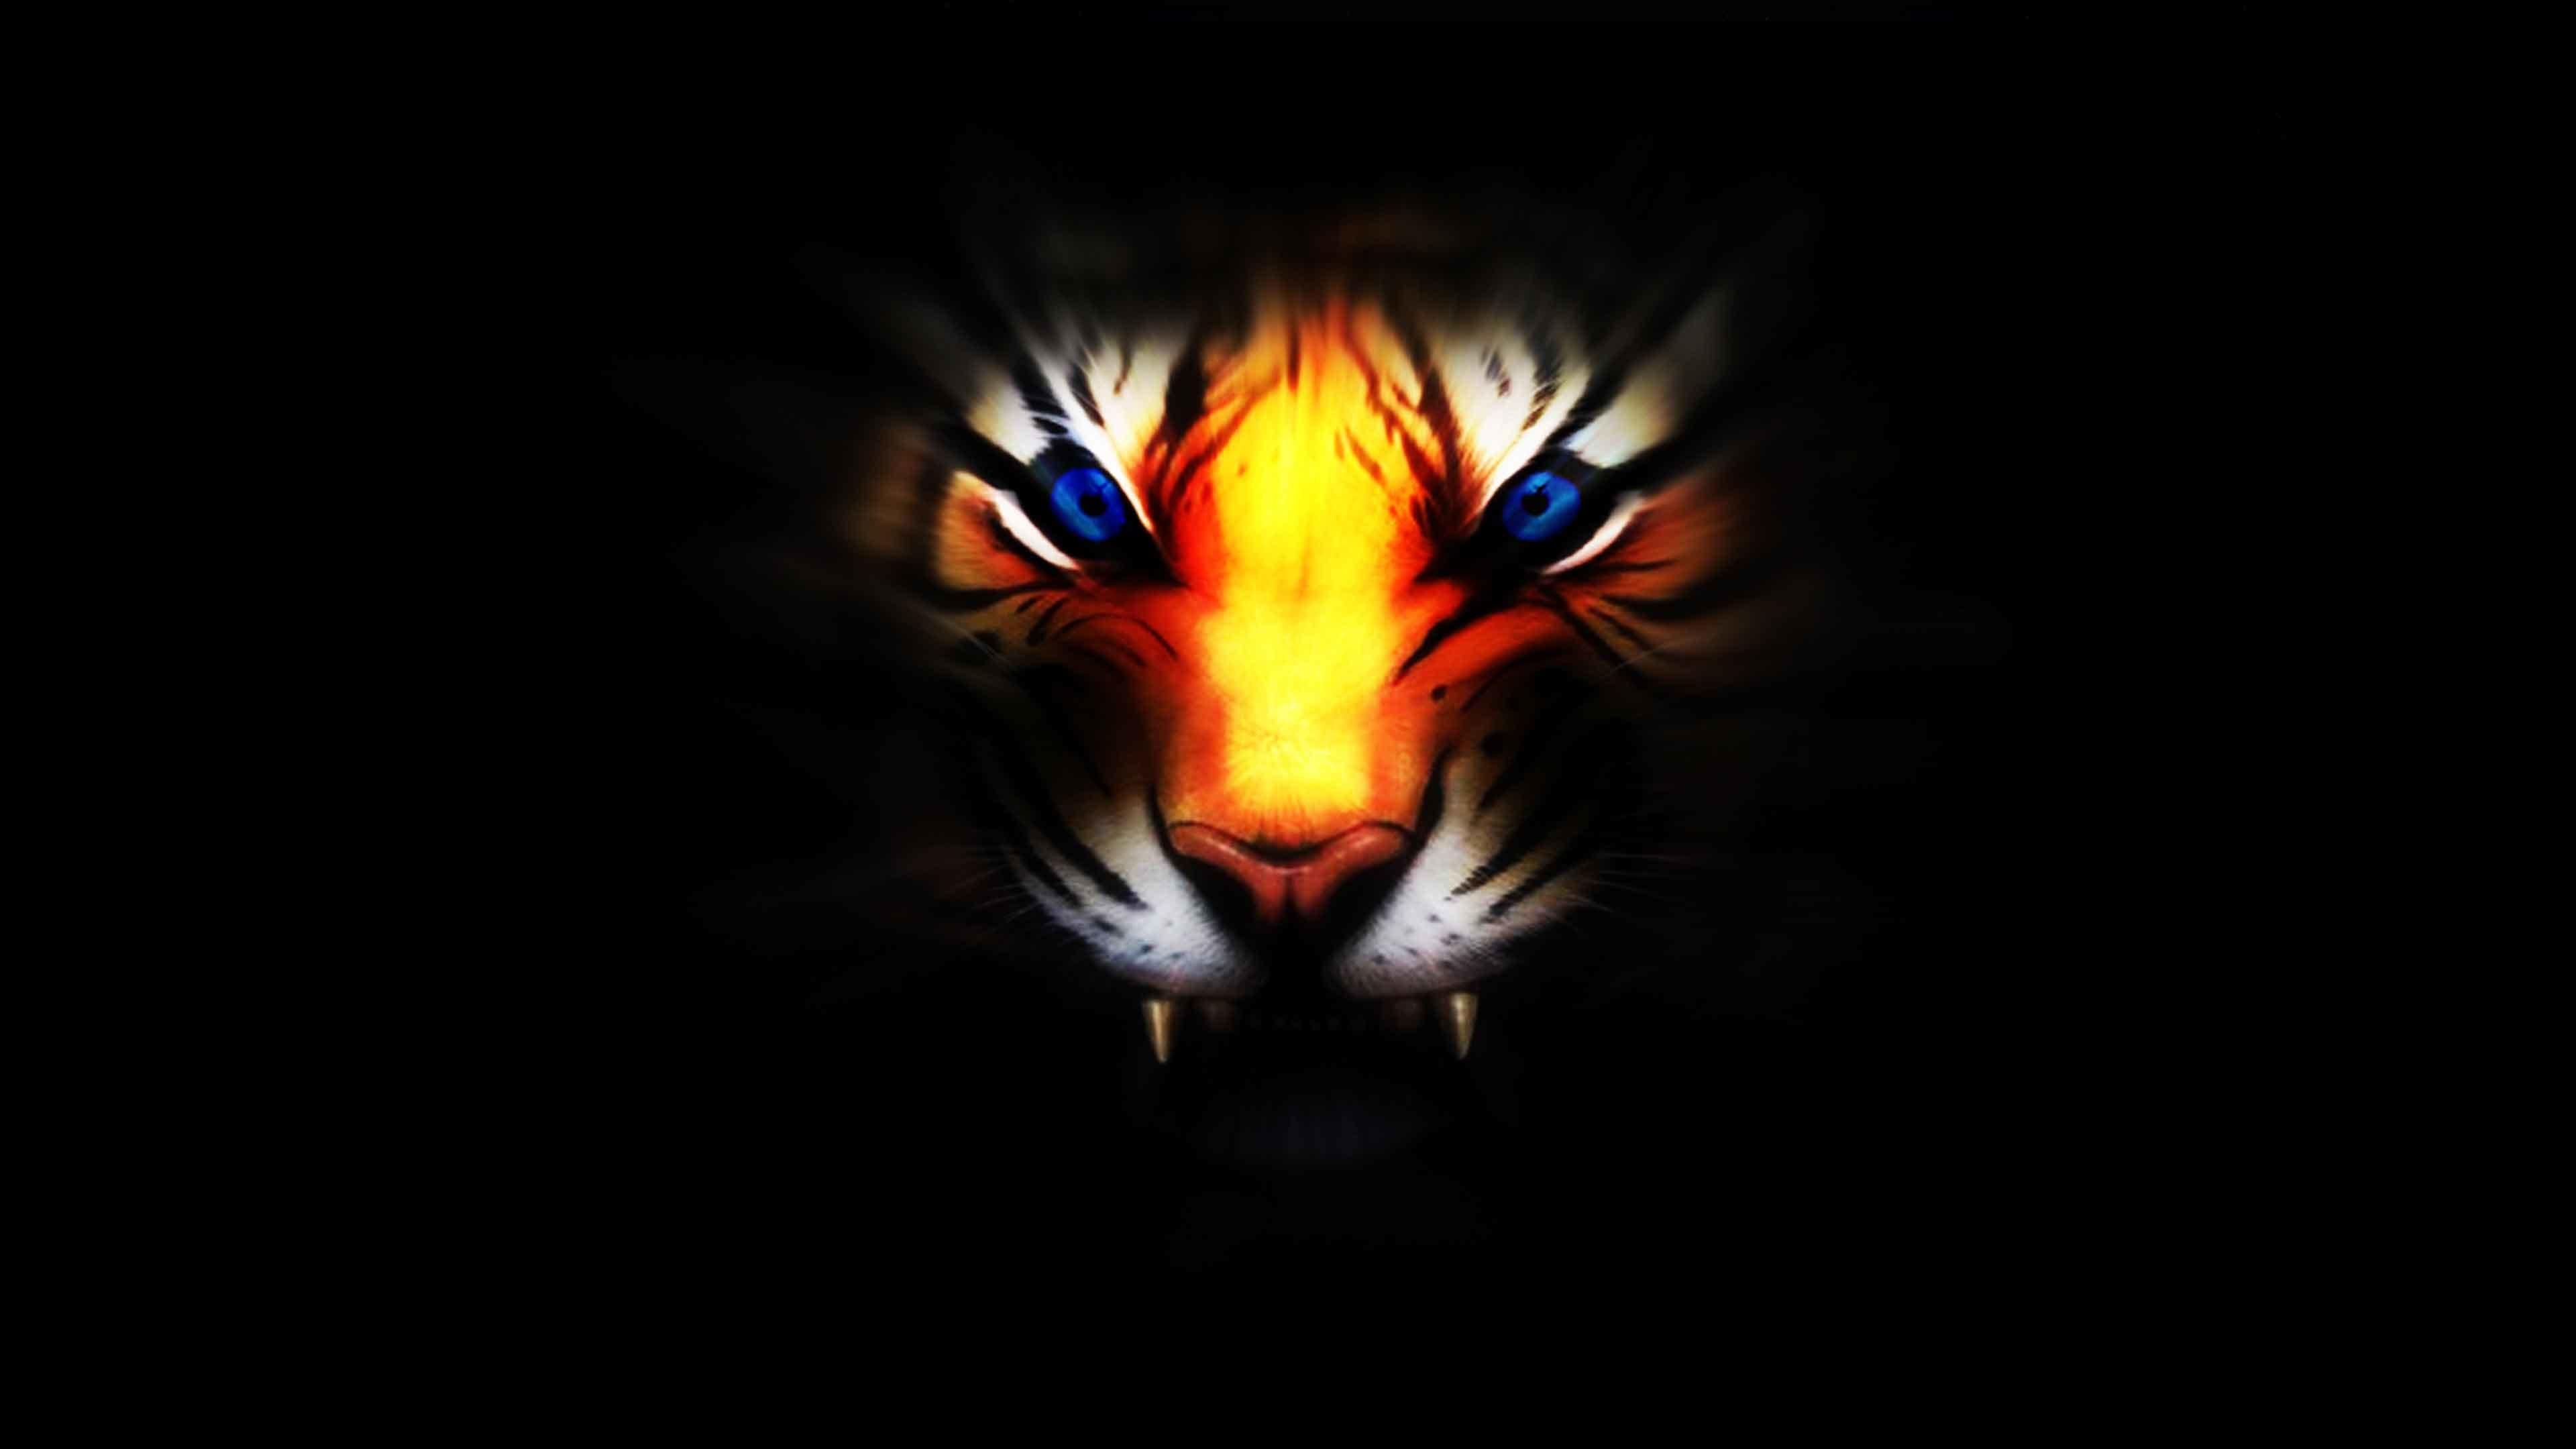 3d tiger wallpaper